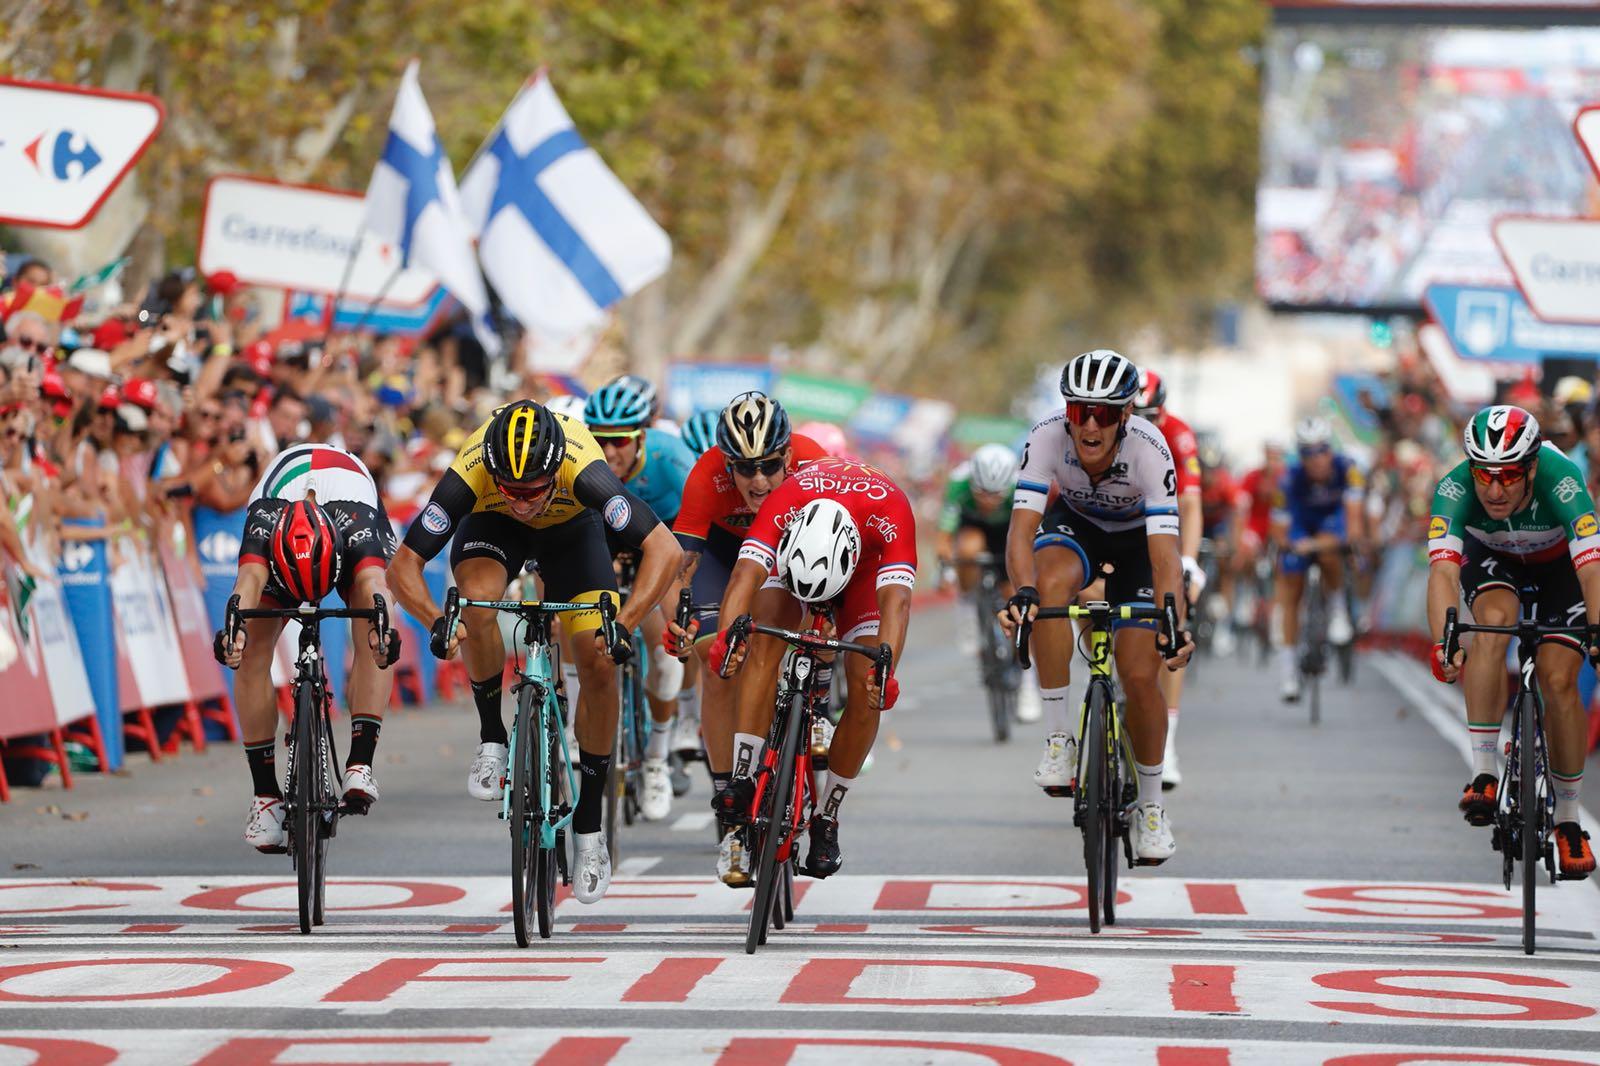 Nacer Bouhanni vince la sesta tappa della Vuelta a Espana